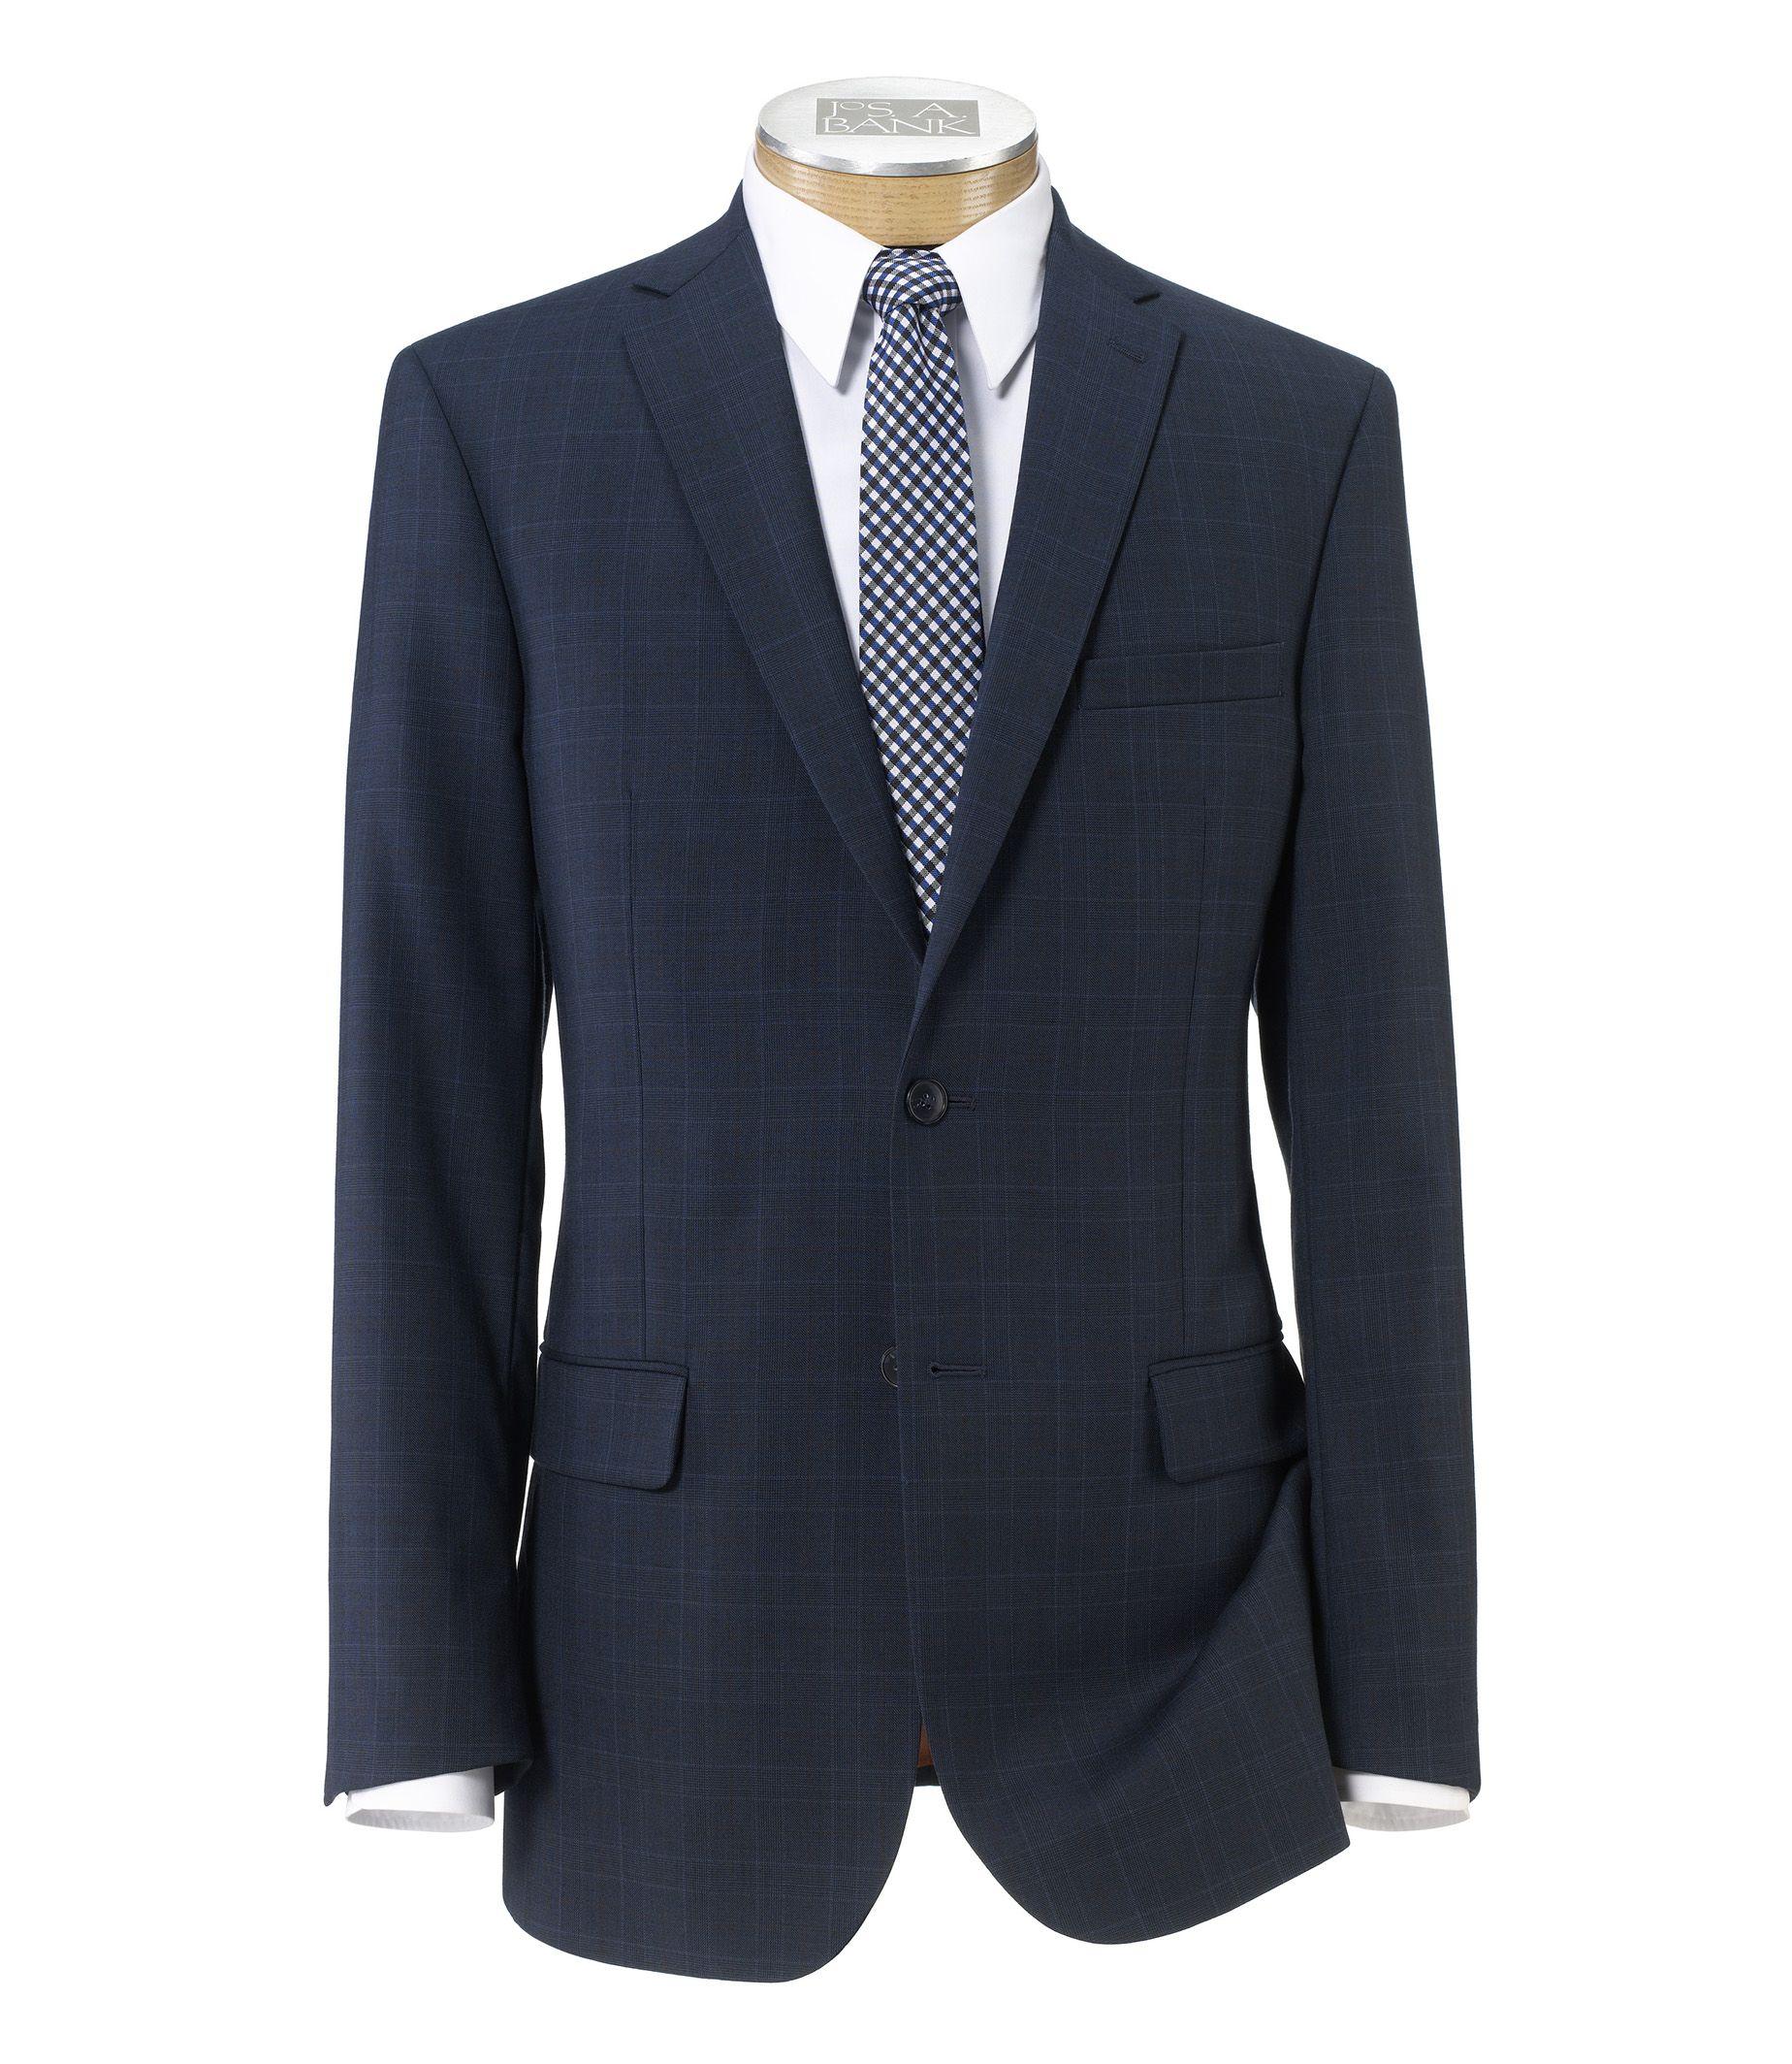 Joseph Slim Fit 2-Button Suits with Plain Front Trousers- Blue Plaid Rust Deco